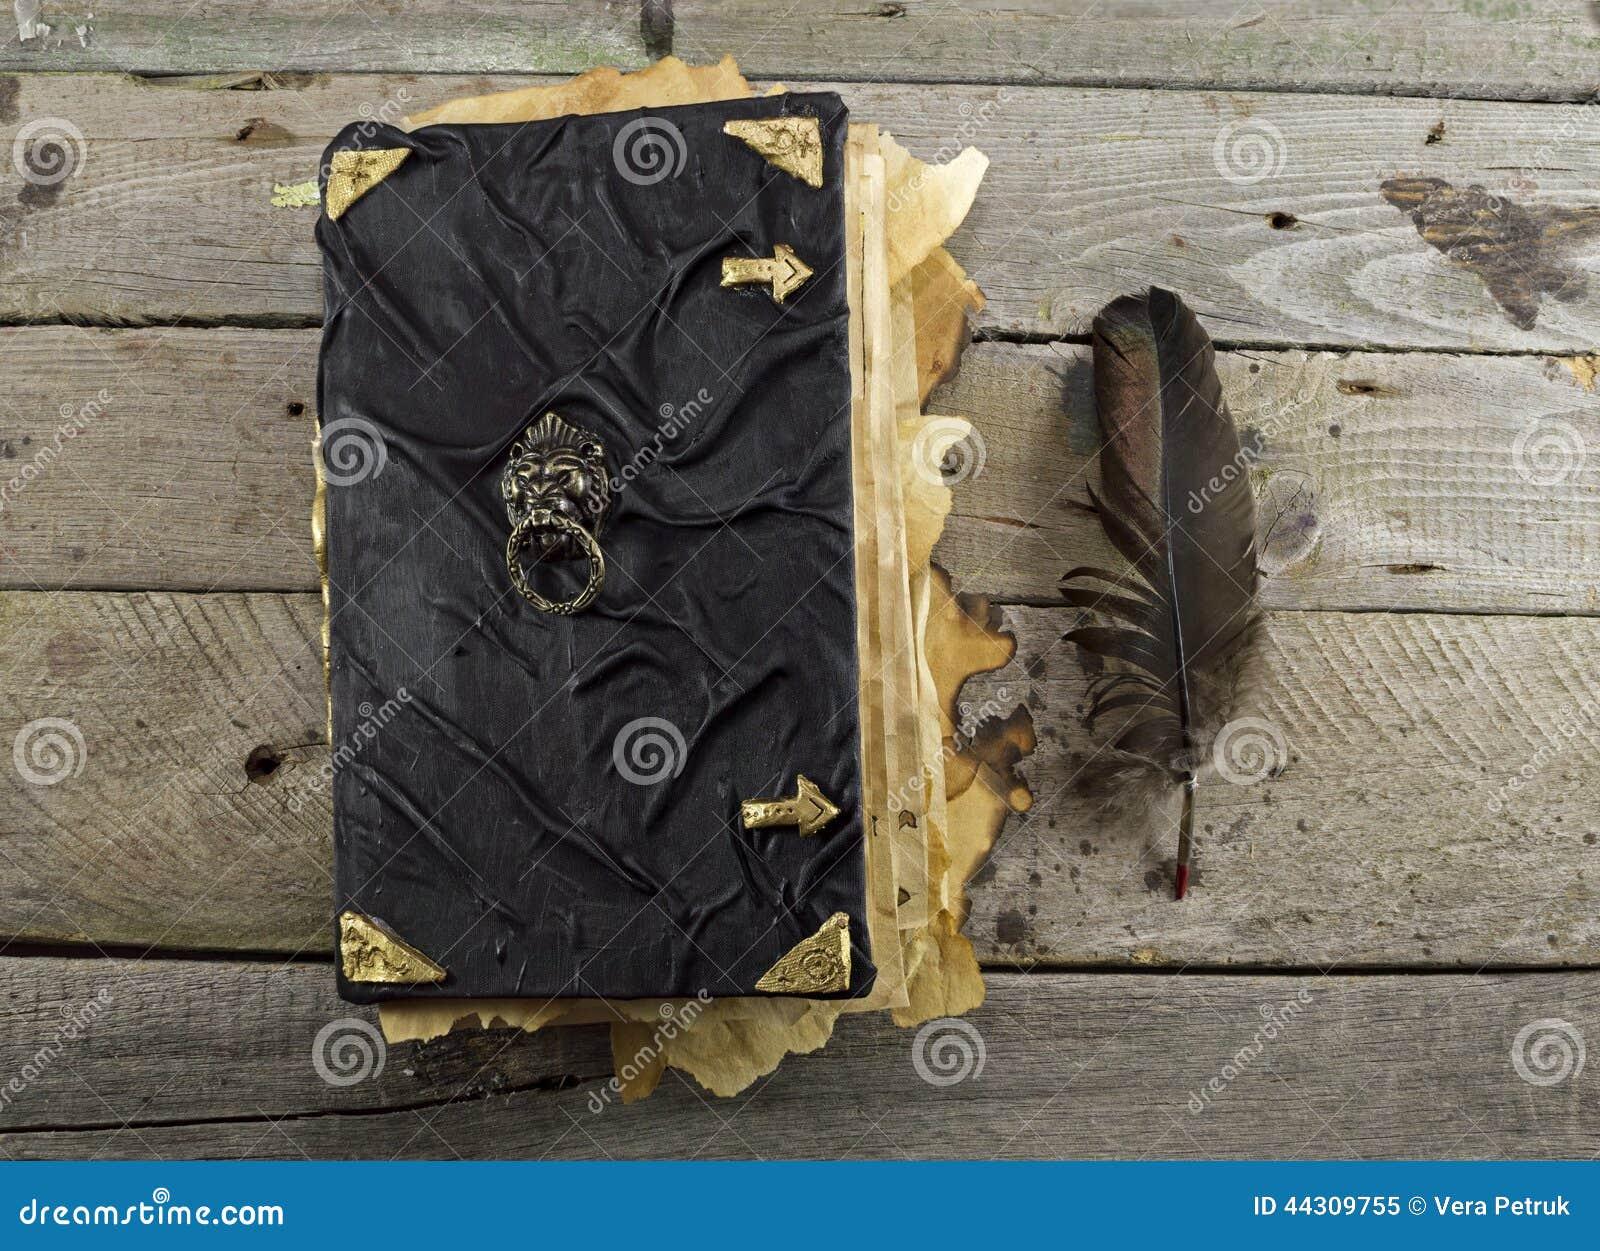 Livre De Magie Noire Sur Les Planches 2 Image stock